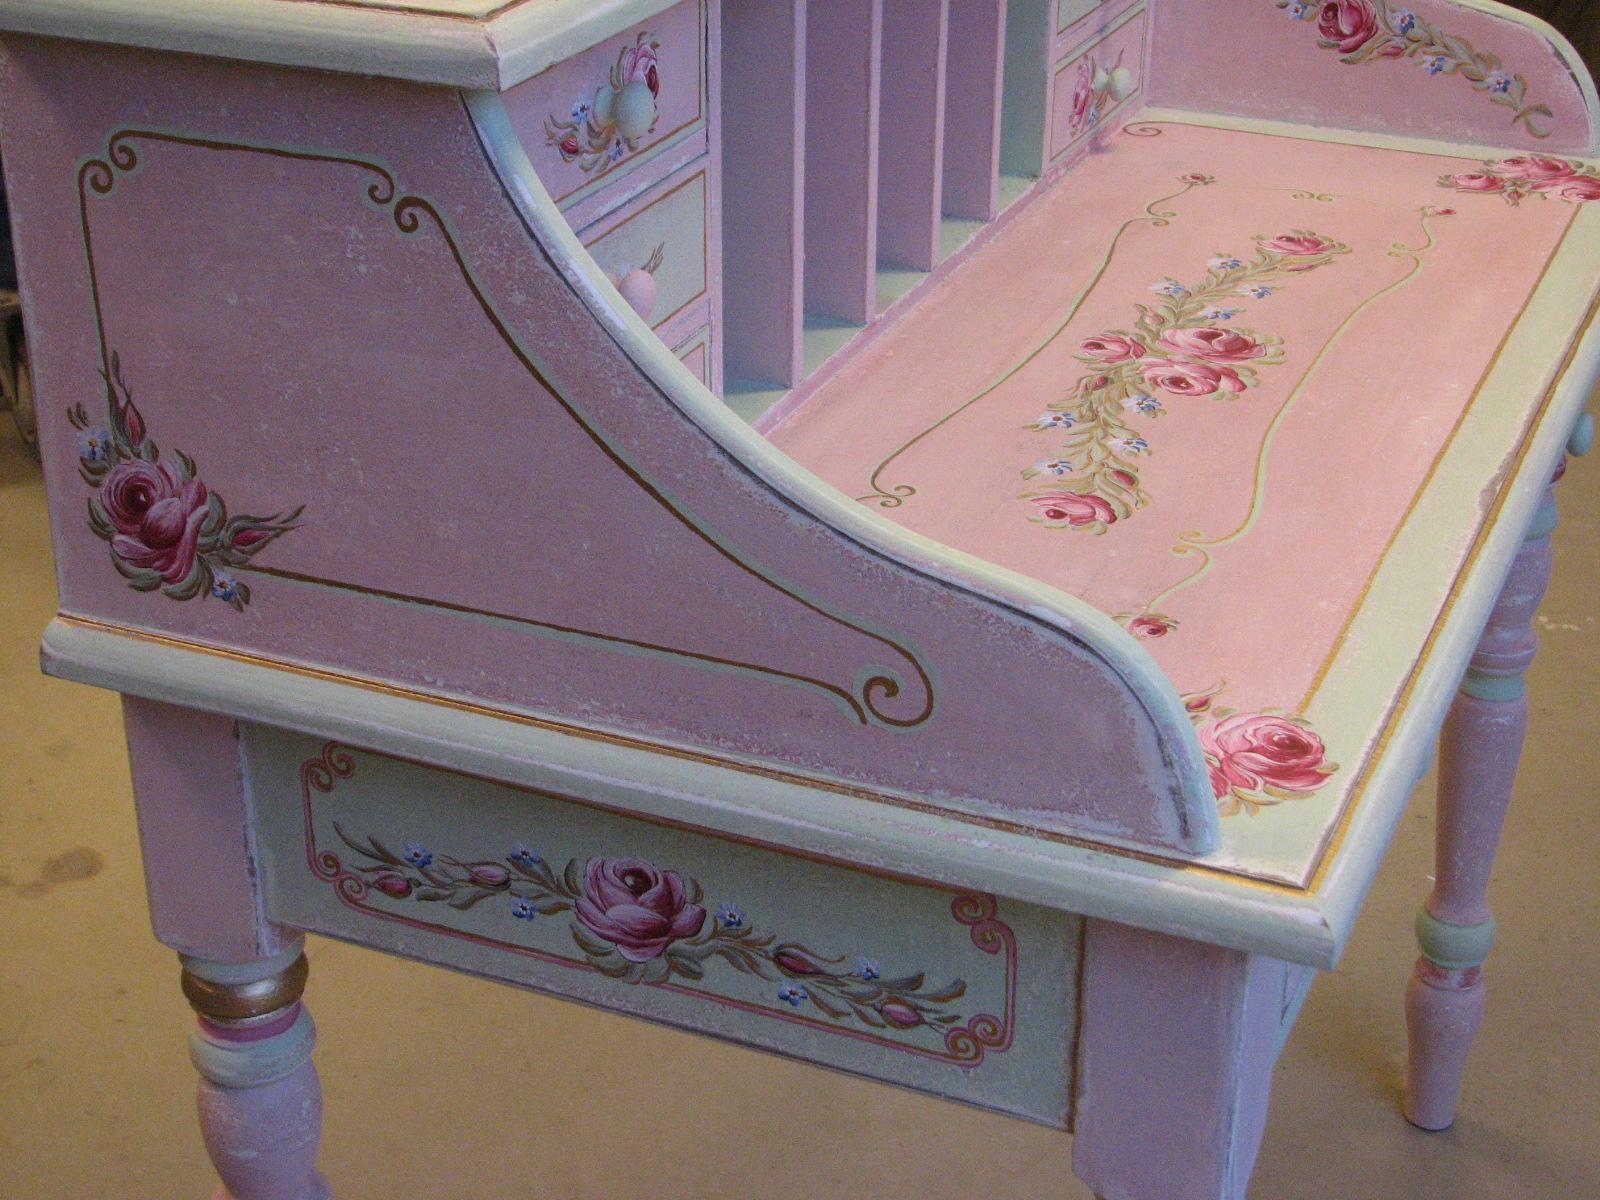 Romantický psací stůl růžový s motivy růže a pomněnek 4